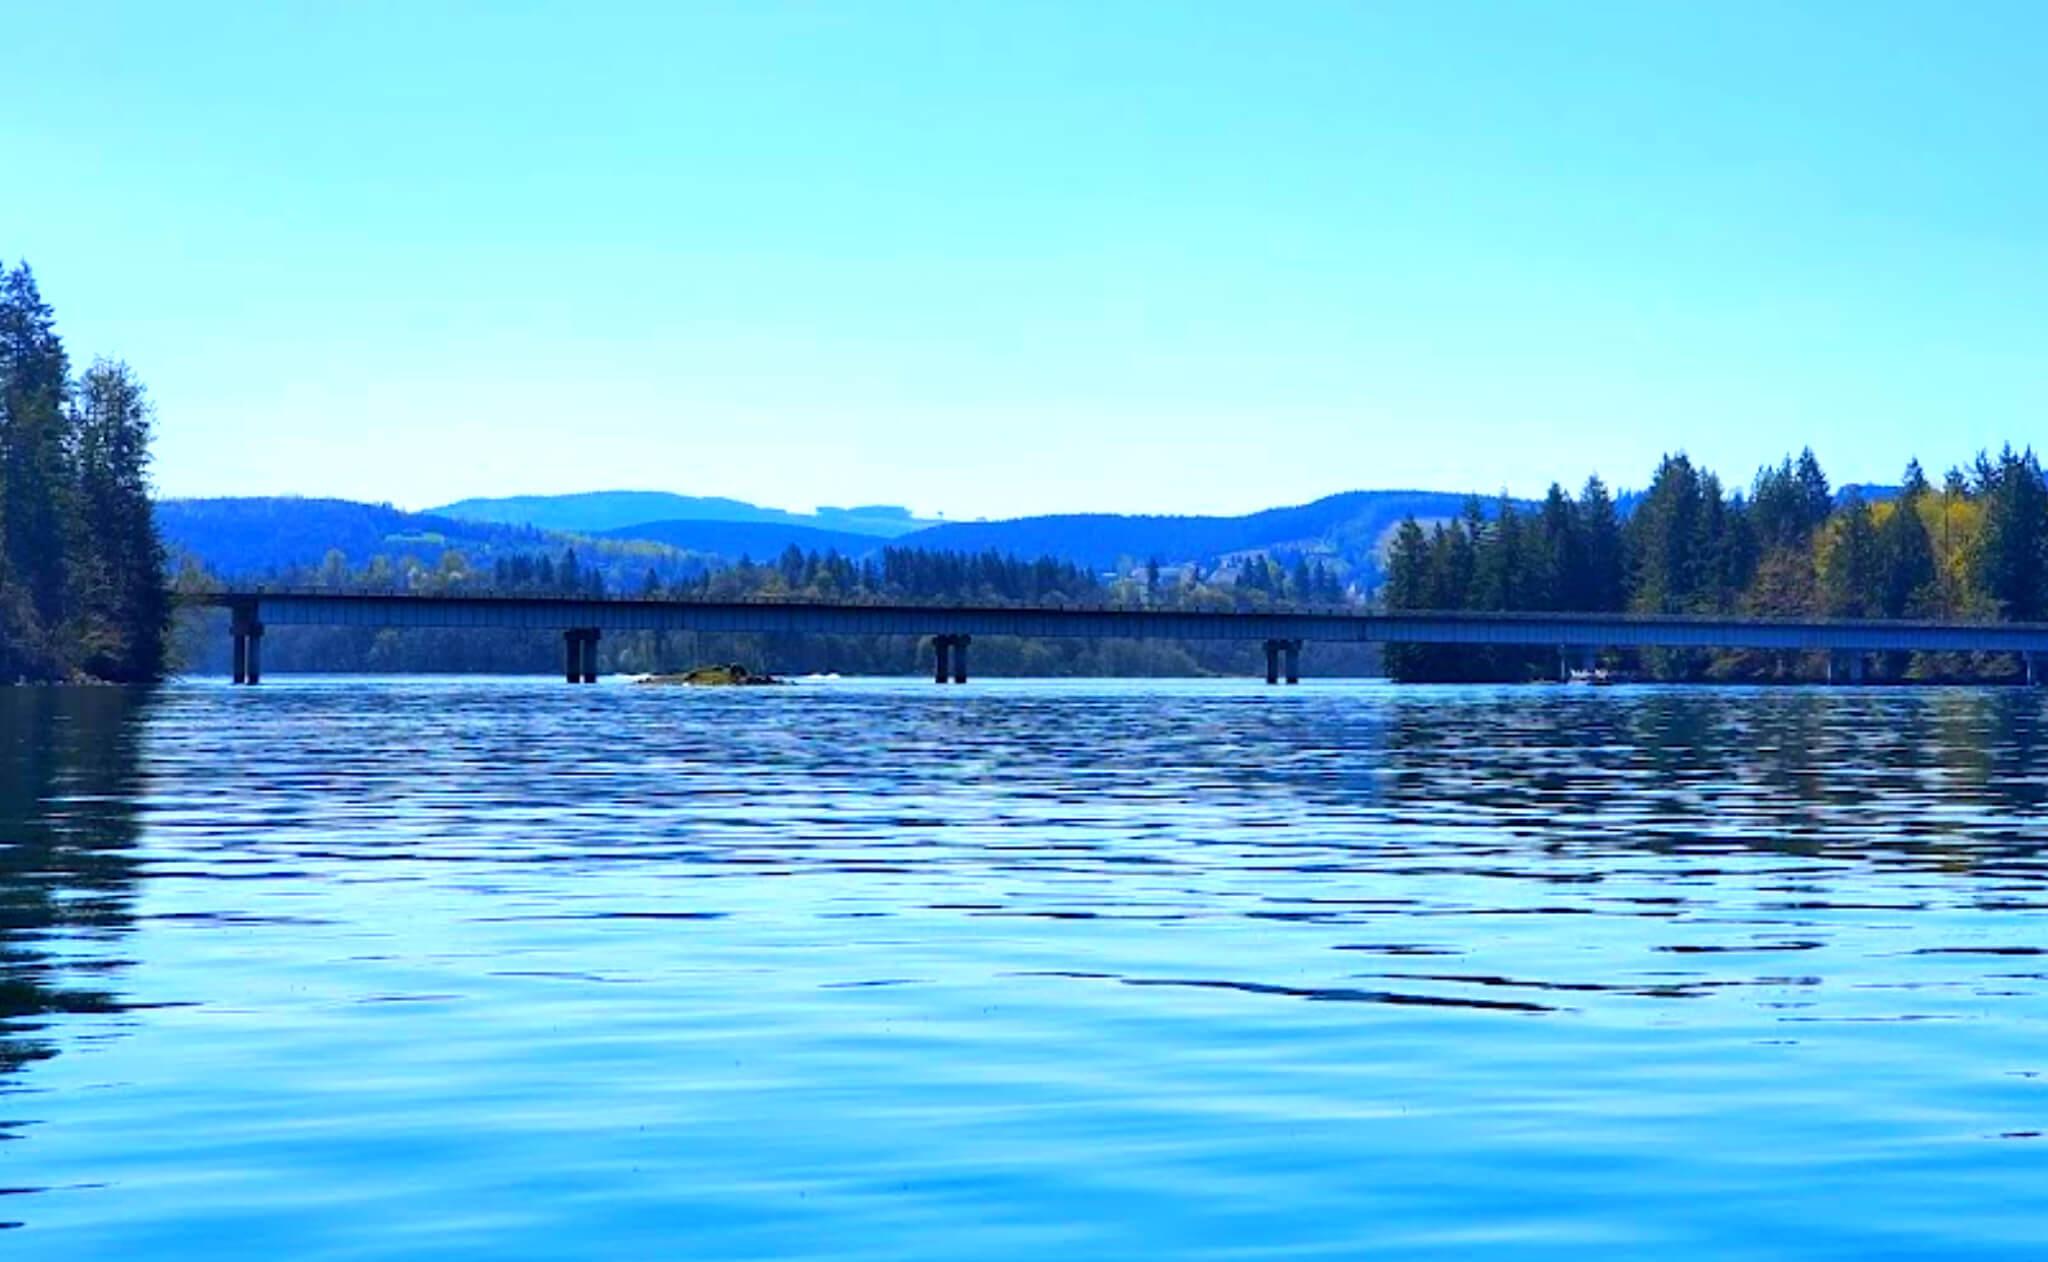 Mayfield-Lake-Fishing-Report-Guide-Washington-WA-03